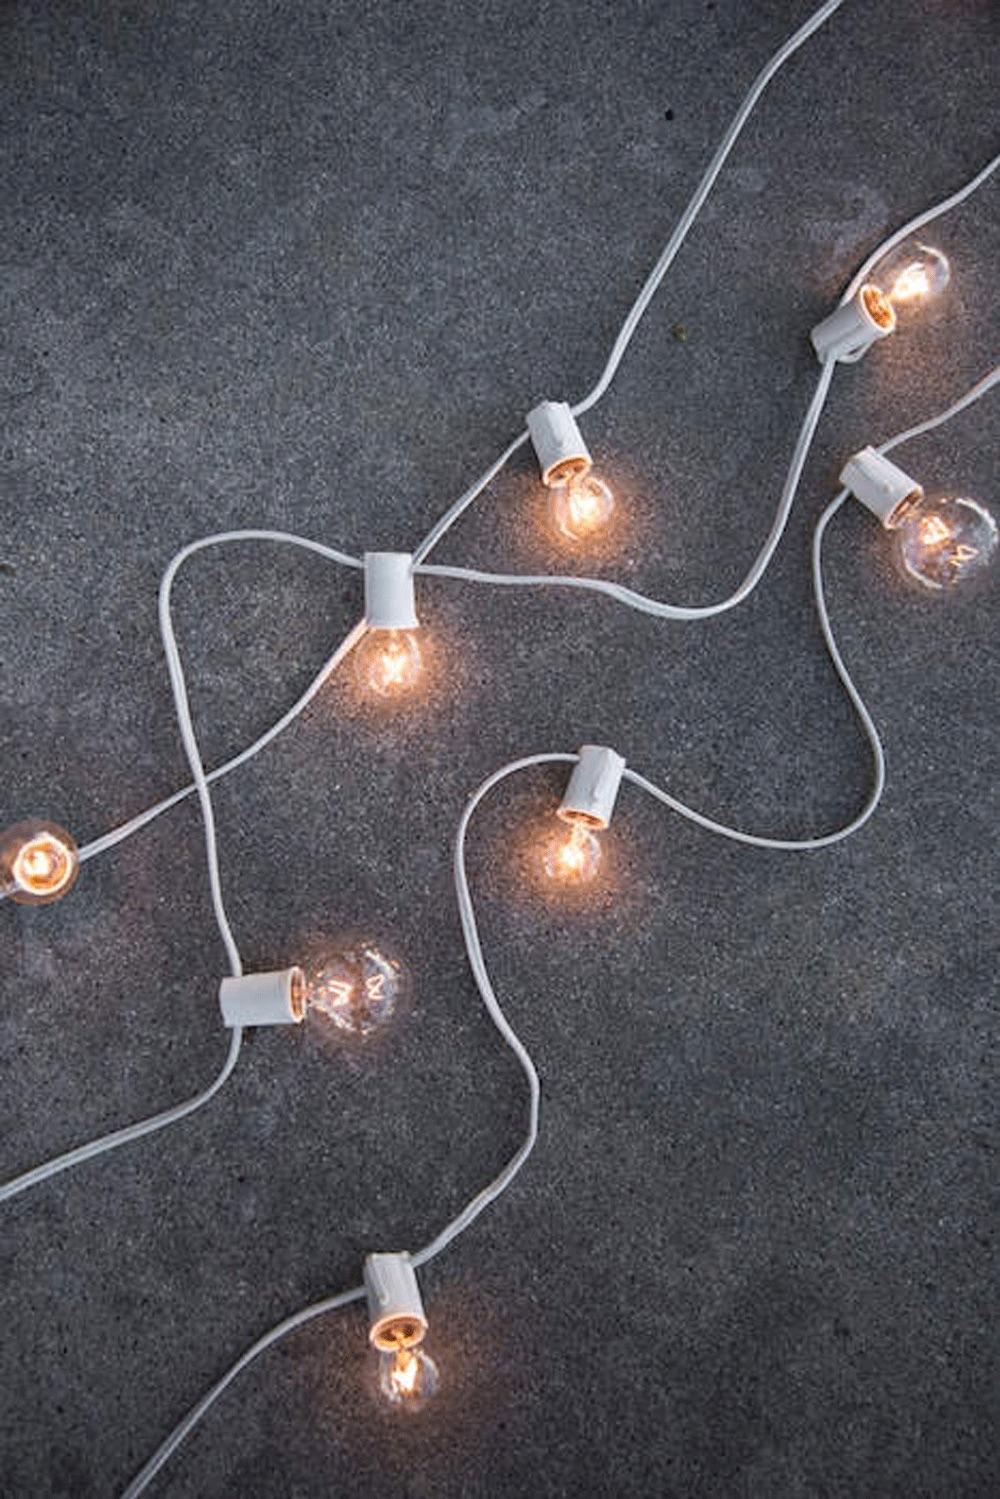 $3.25/ft White String Market Lighting